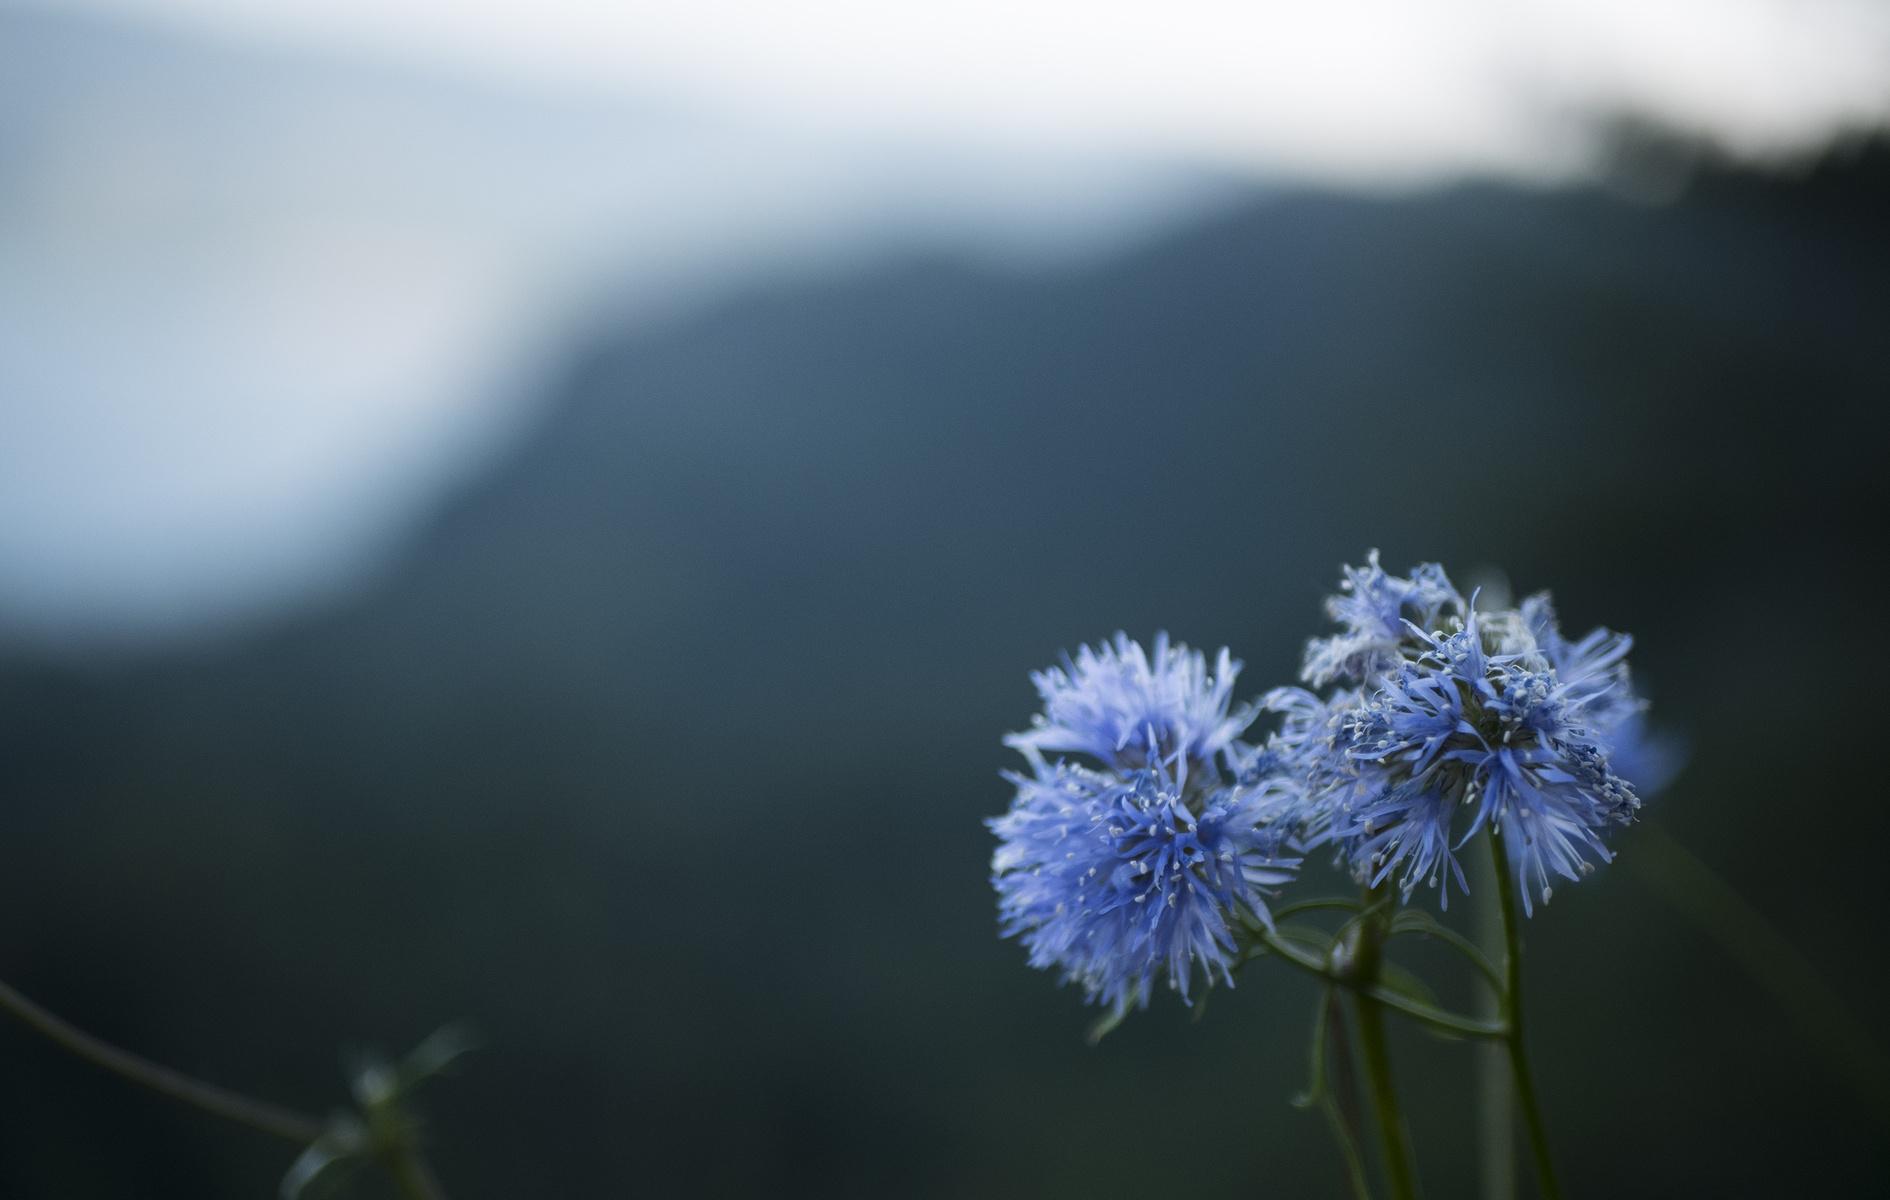 blue puffs